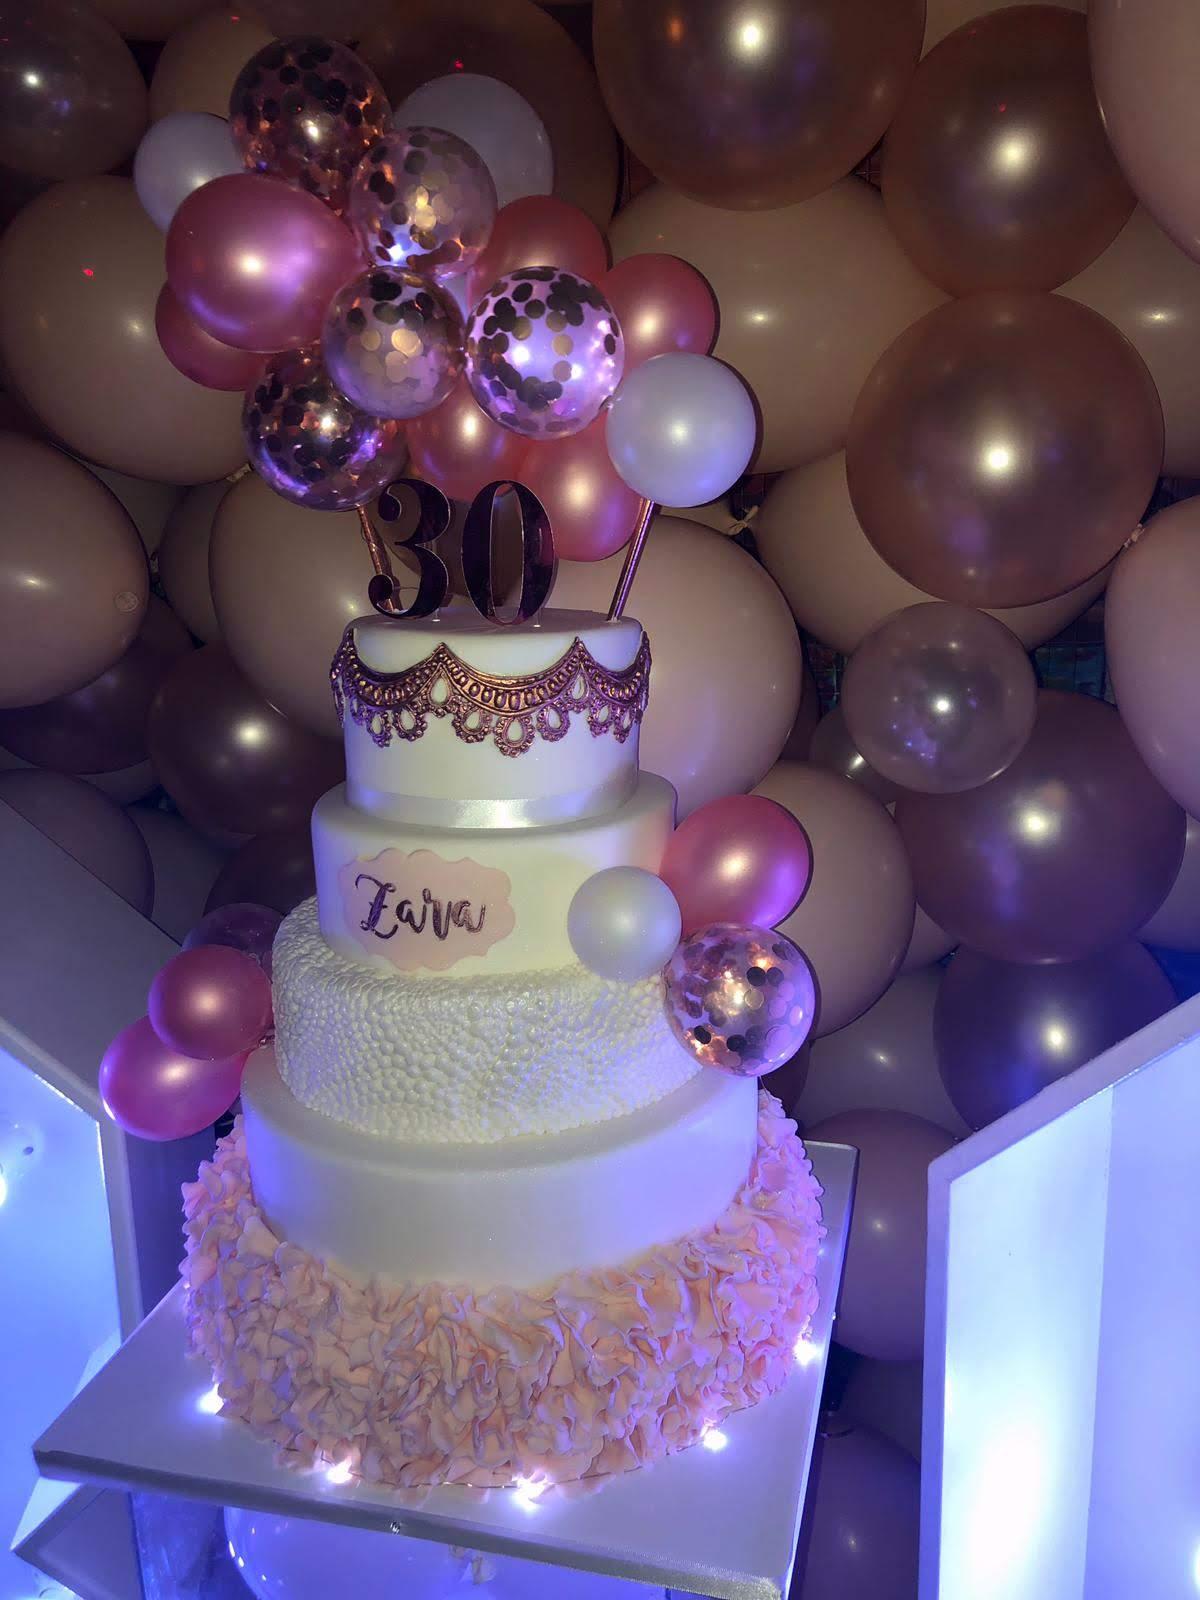 Zara's Blushing 30th